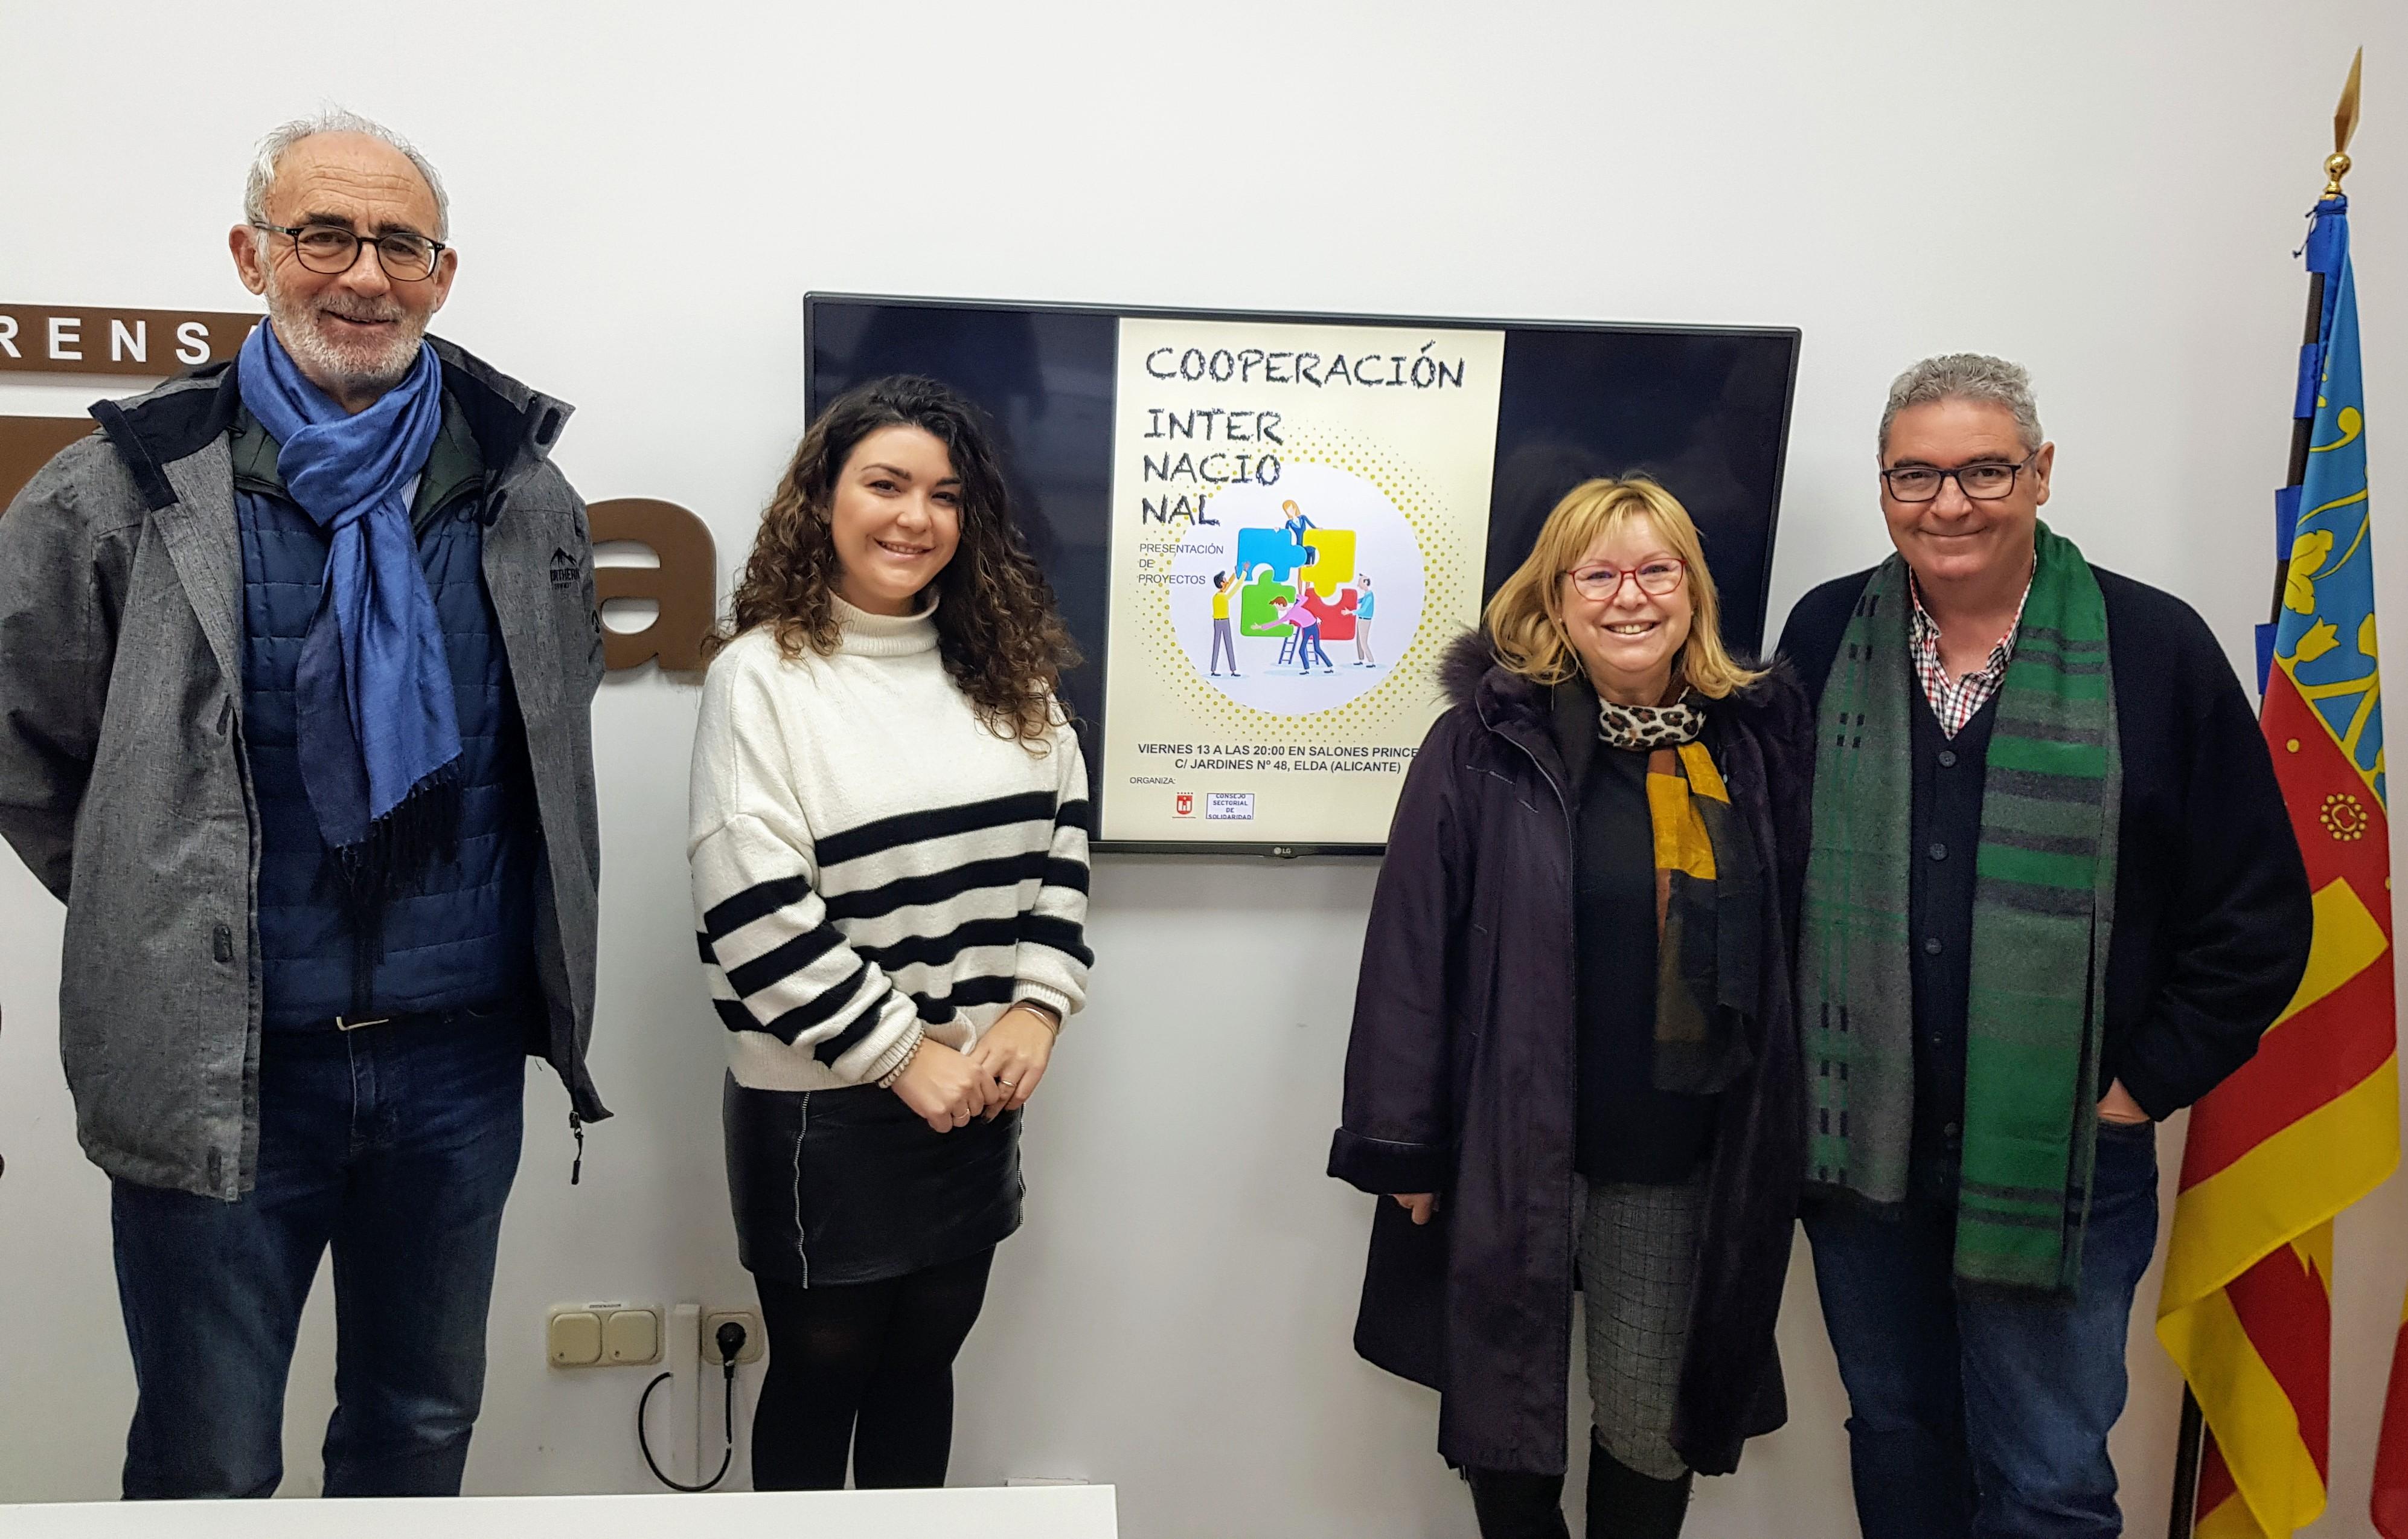 La Concejalía de Solidaridad presenta los proyectos de cooperación internacional de las ONG que cuentan con apoyo municipal